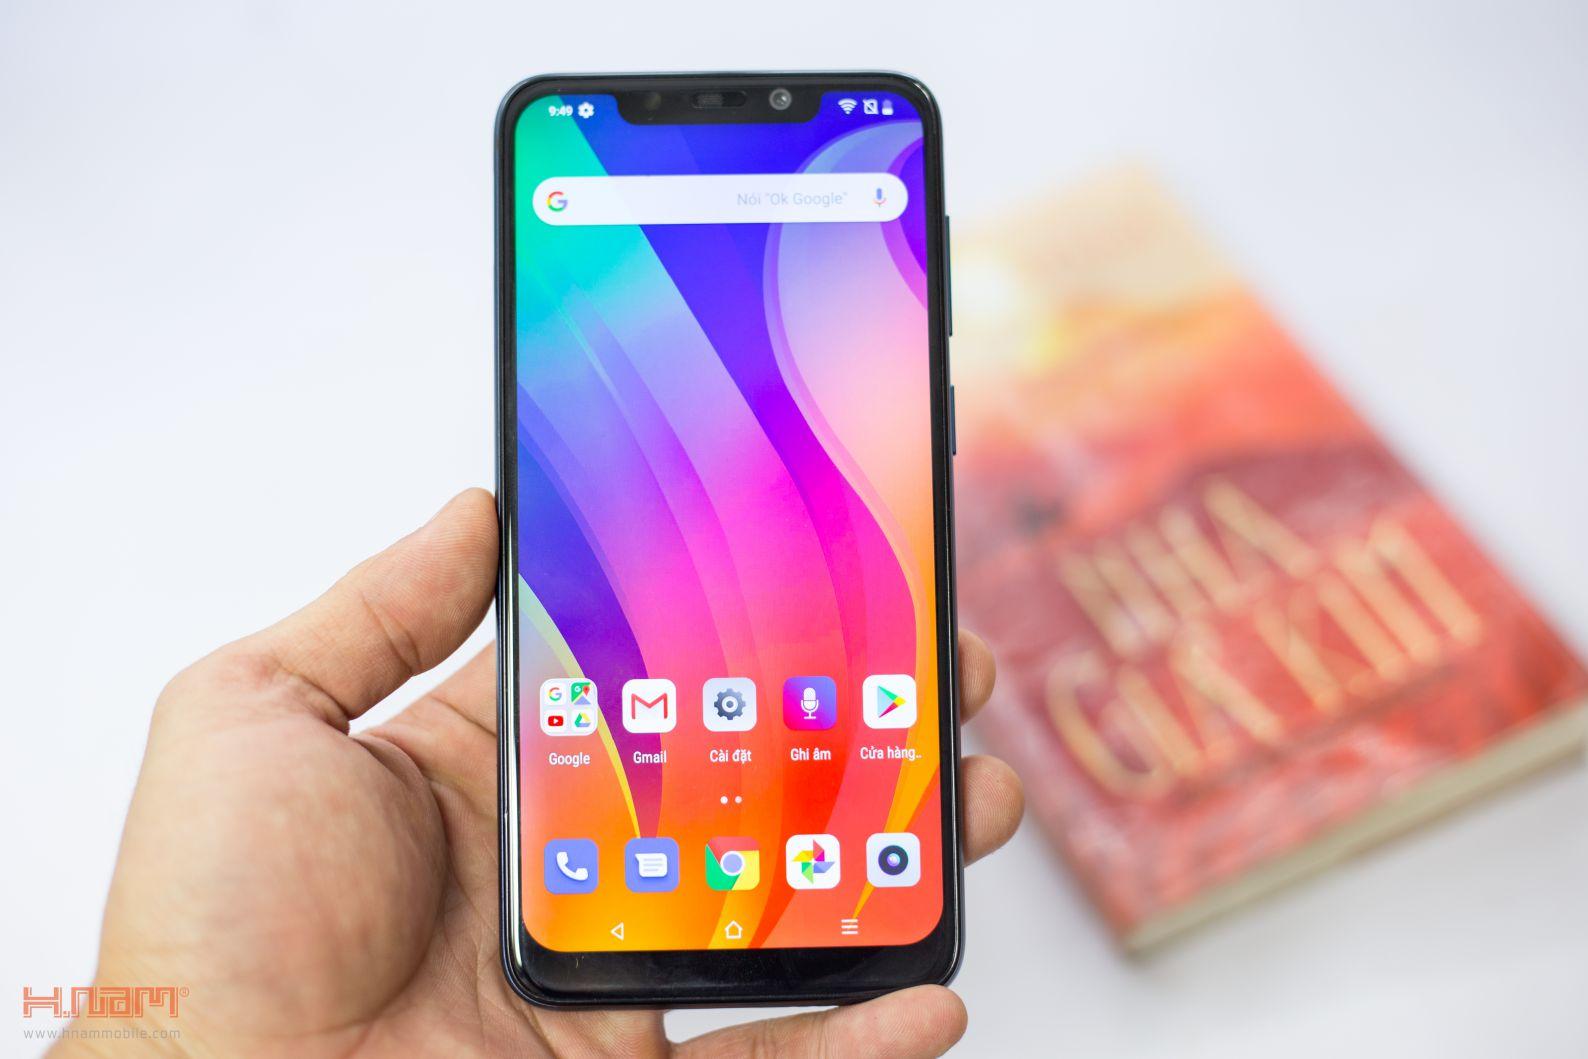 Trên tay Active 1+: smartphone tầm trung đáng sở hữu của ngưởi Việt? hình 16